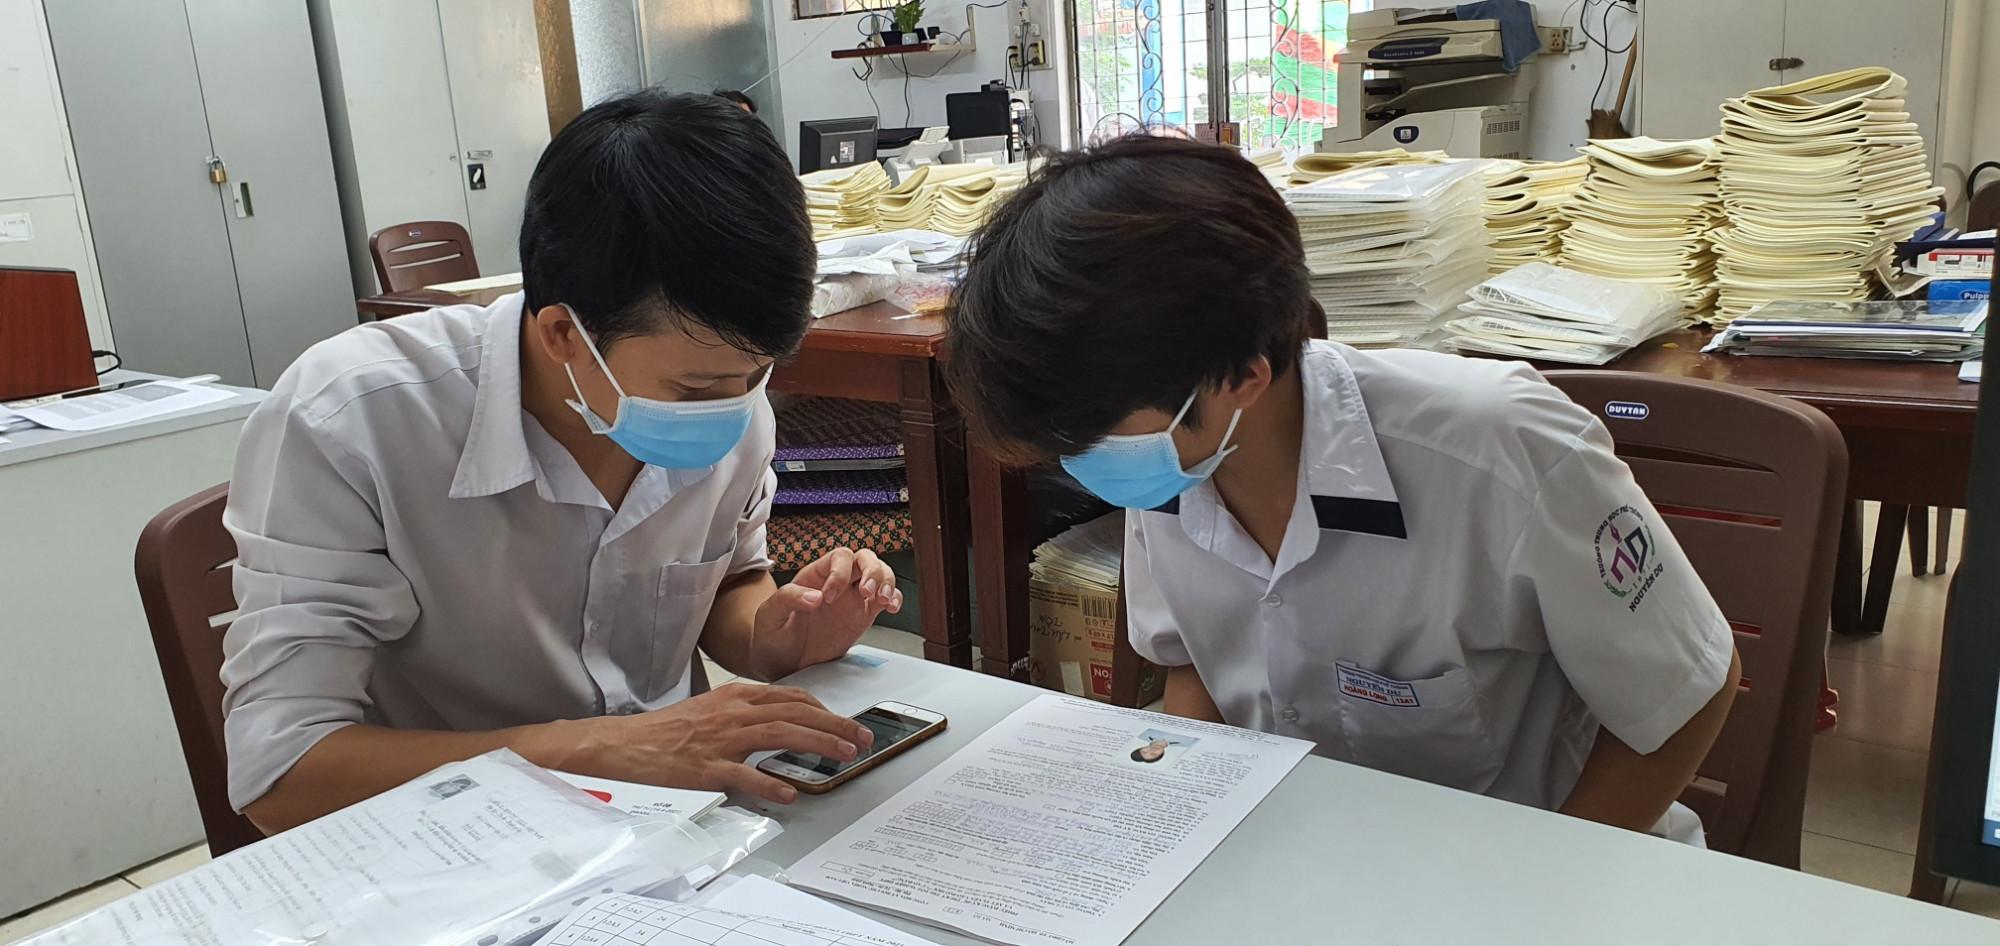 Học sinh lớp 12 Trường THPT Nguyễn Du đăng ký xét tuyển